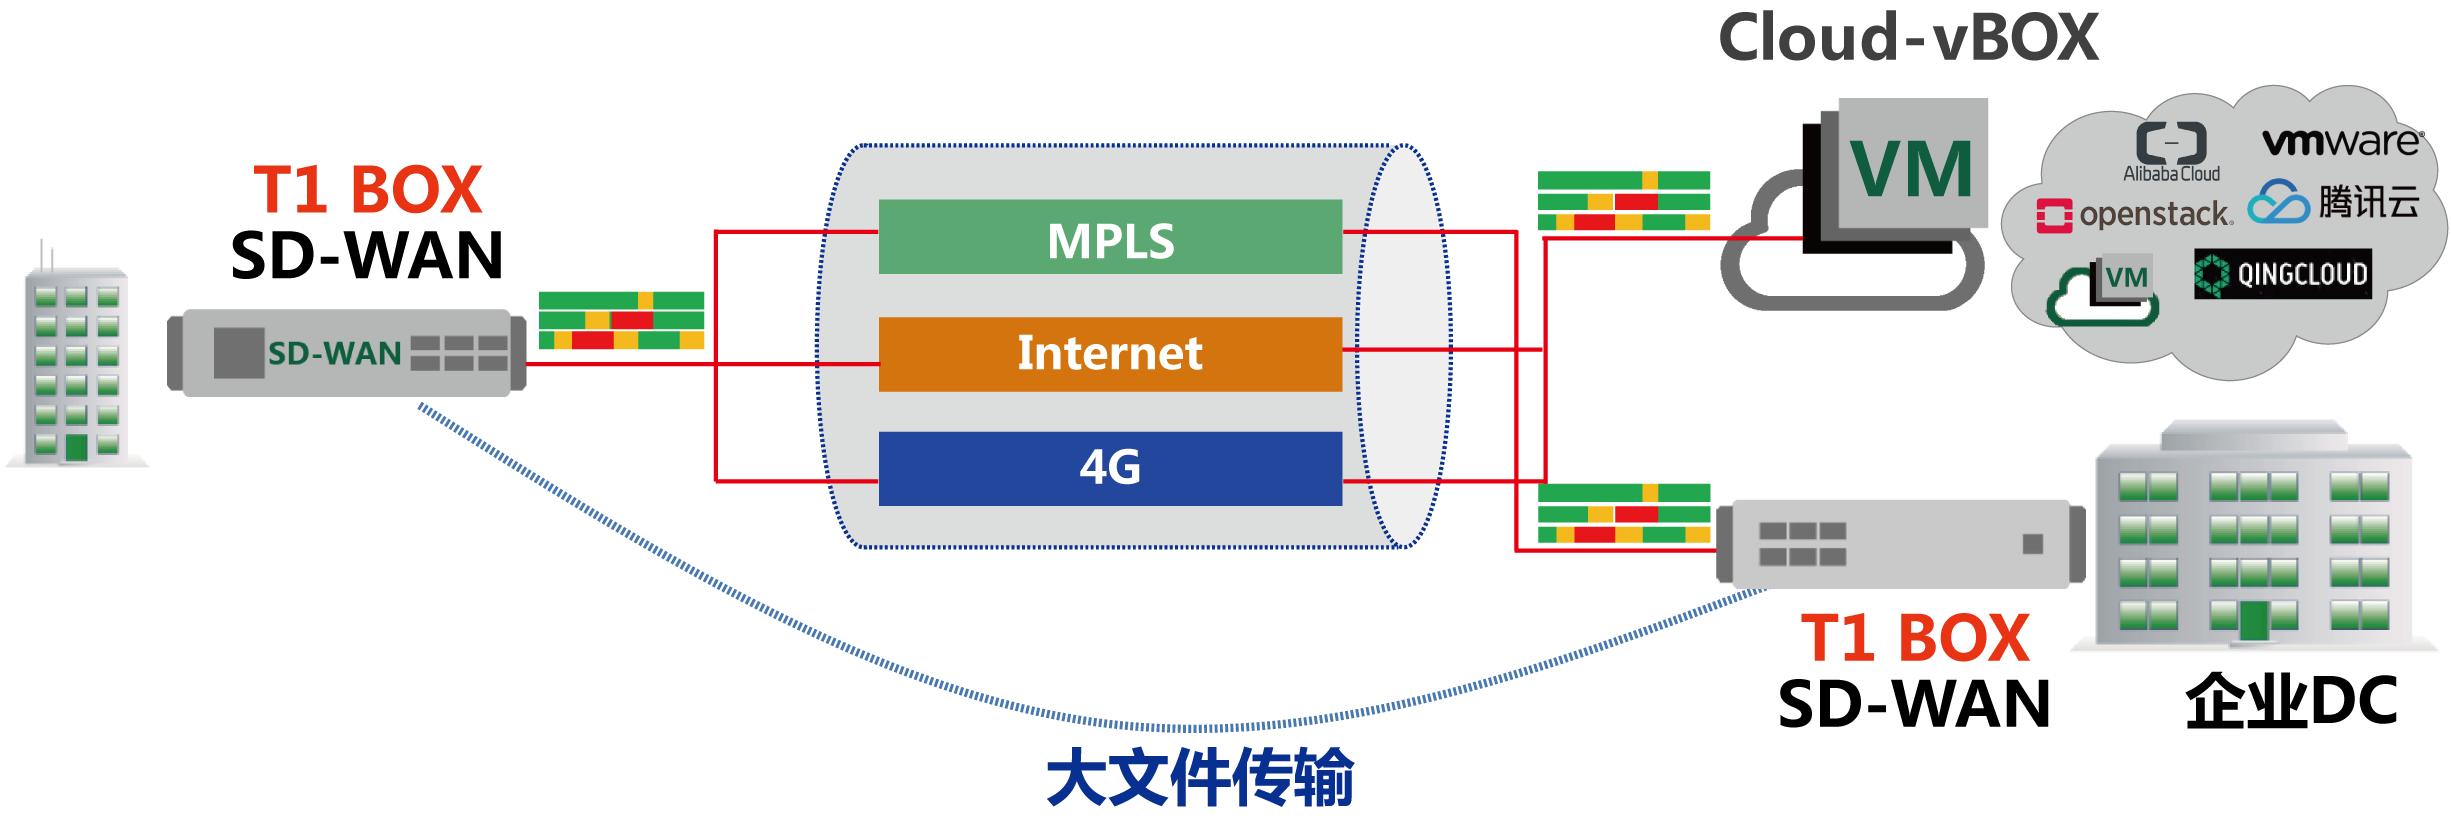 03.链路捆绑,实现本地到云端数据传输的高效率.png